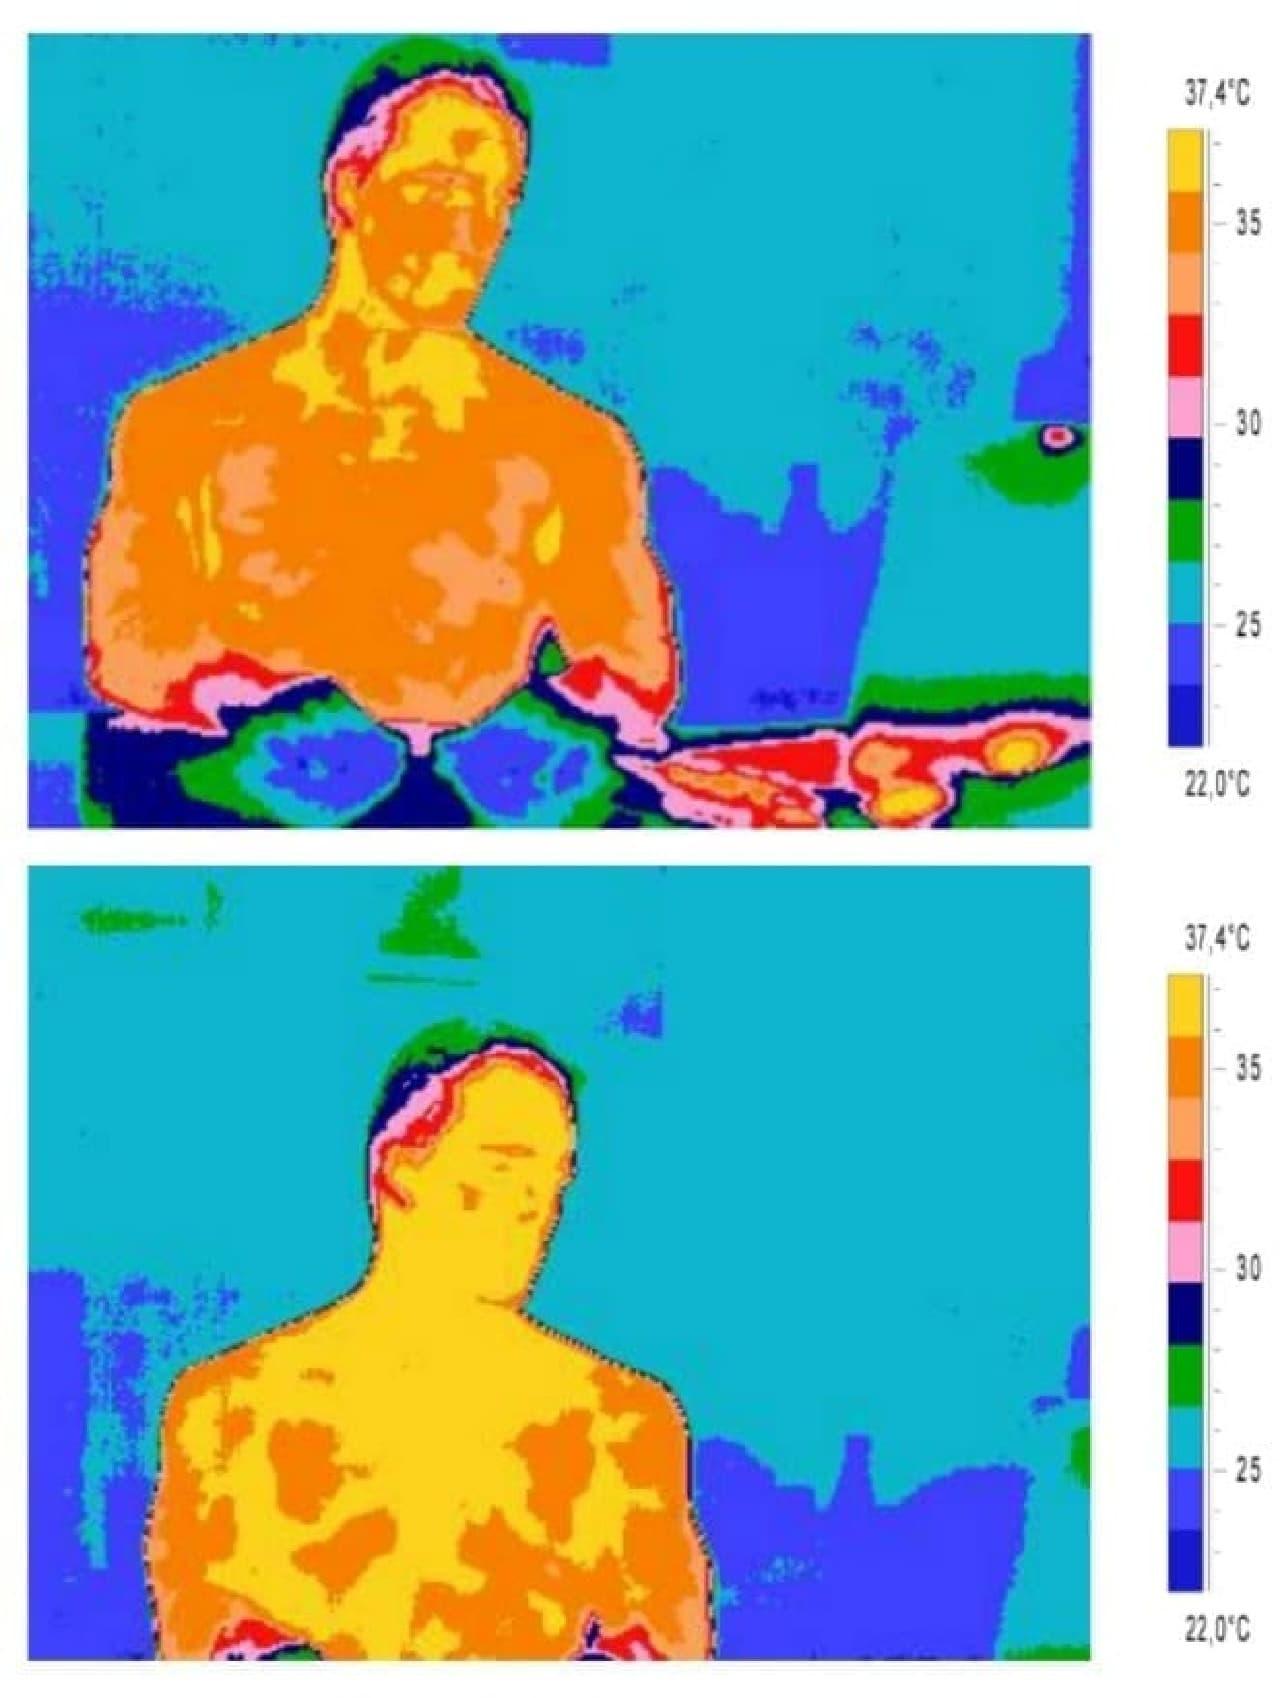 画像上:通常時の体温  画像下:恋人の画像を見たときの体温  明らかに、体温が上昇しているのがわかります